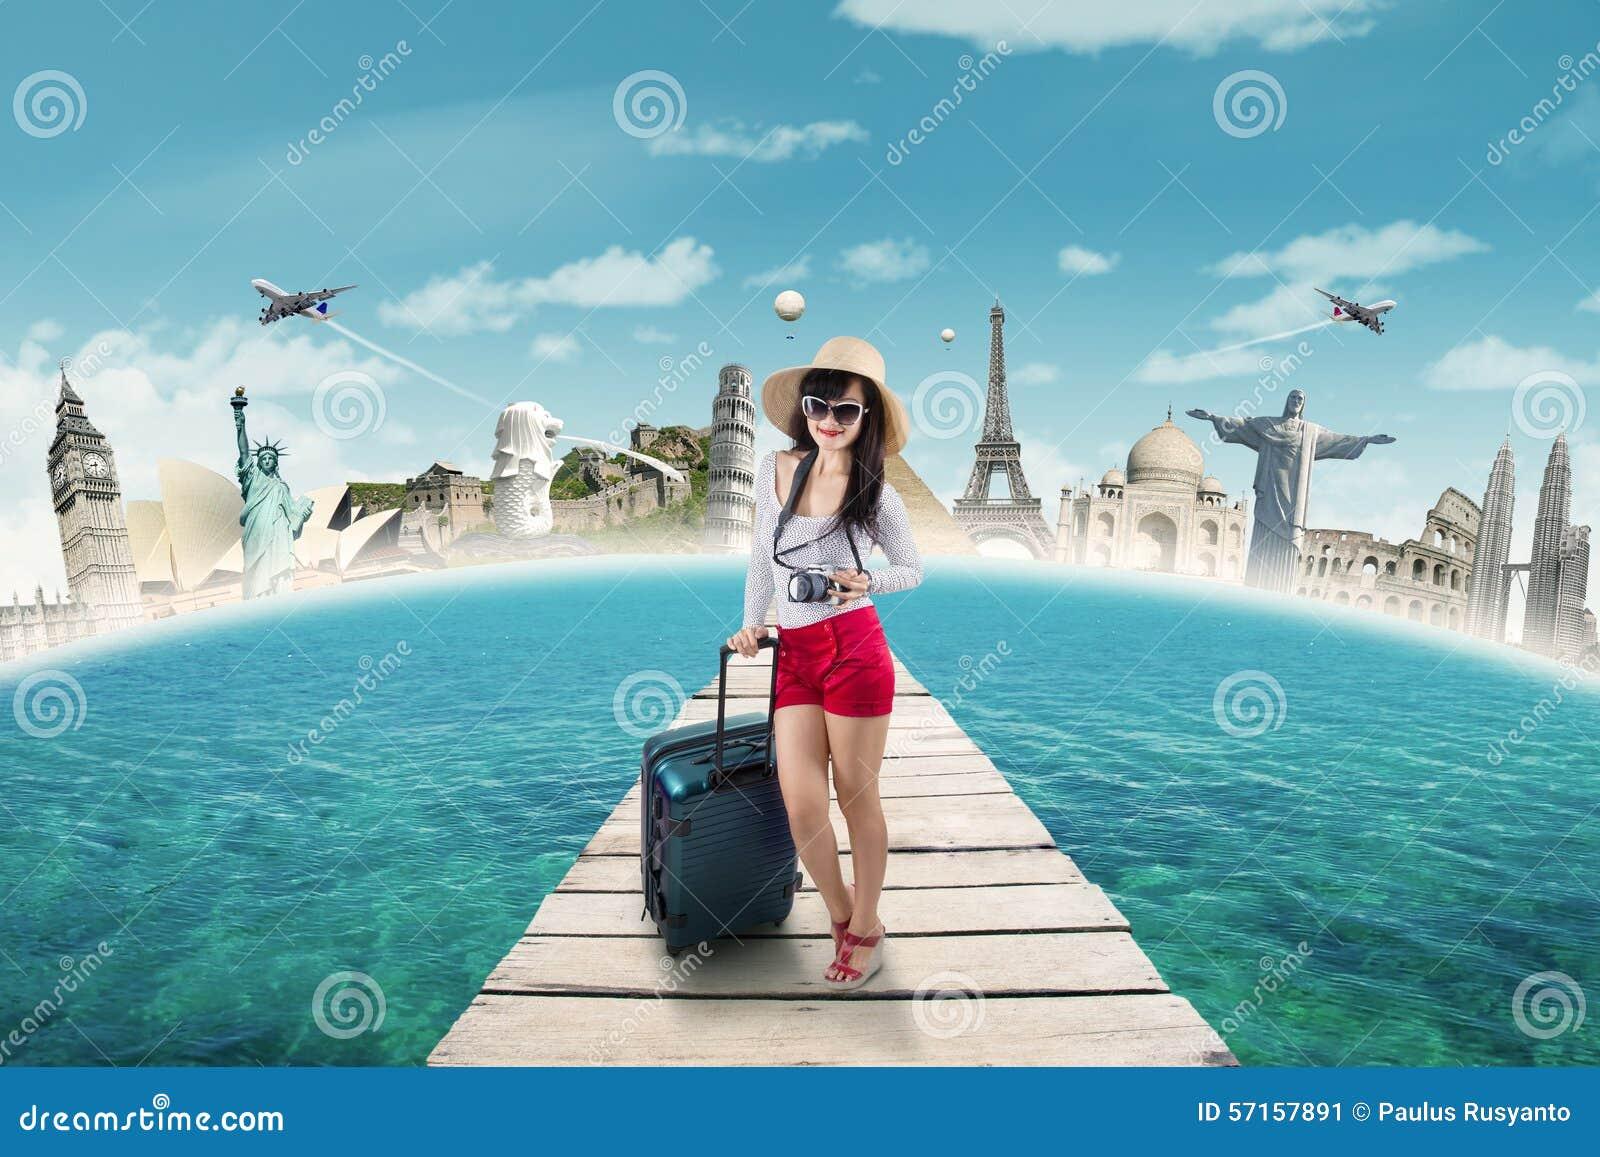 Turista moderno que viaja ao monumento do mundo